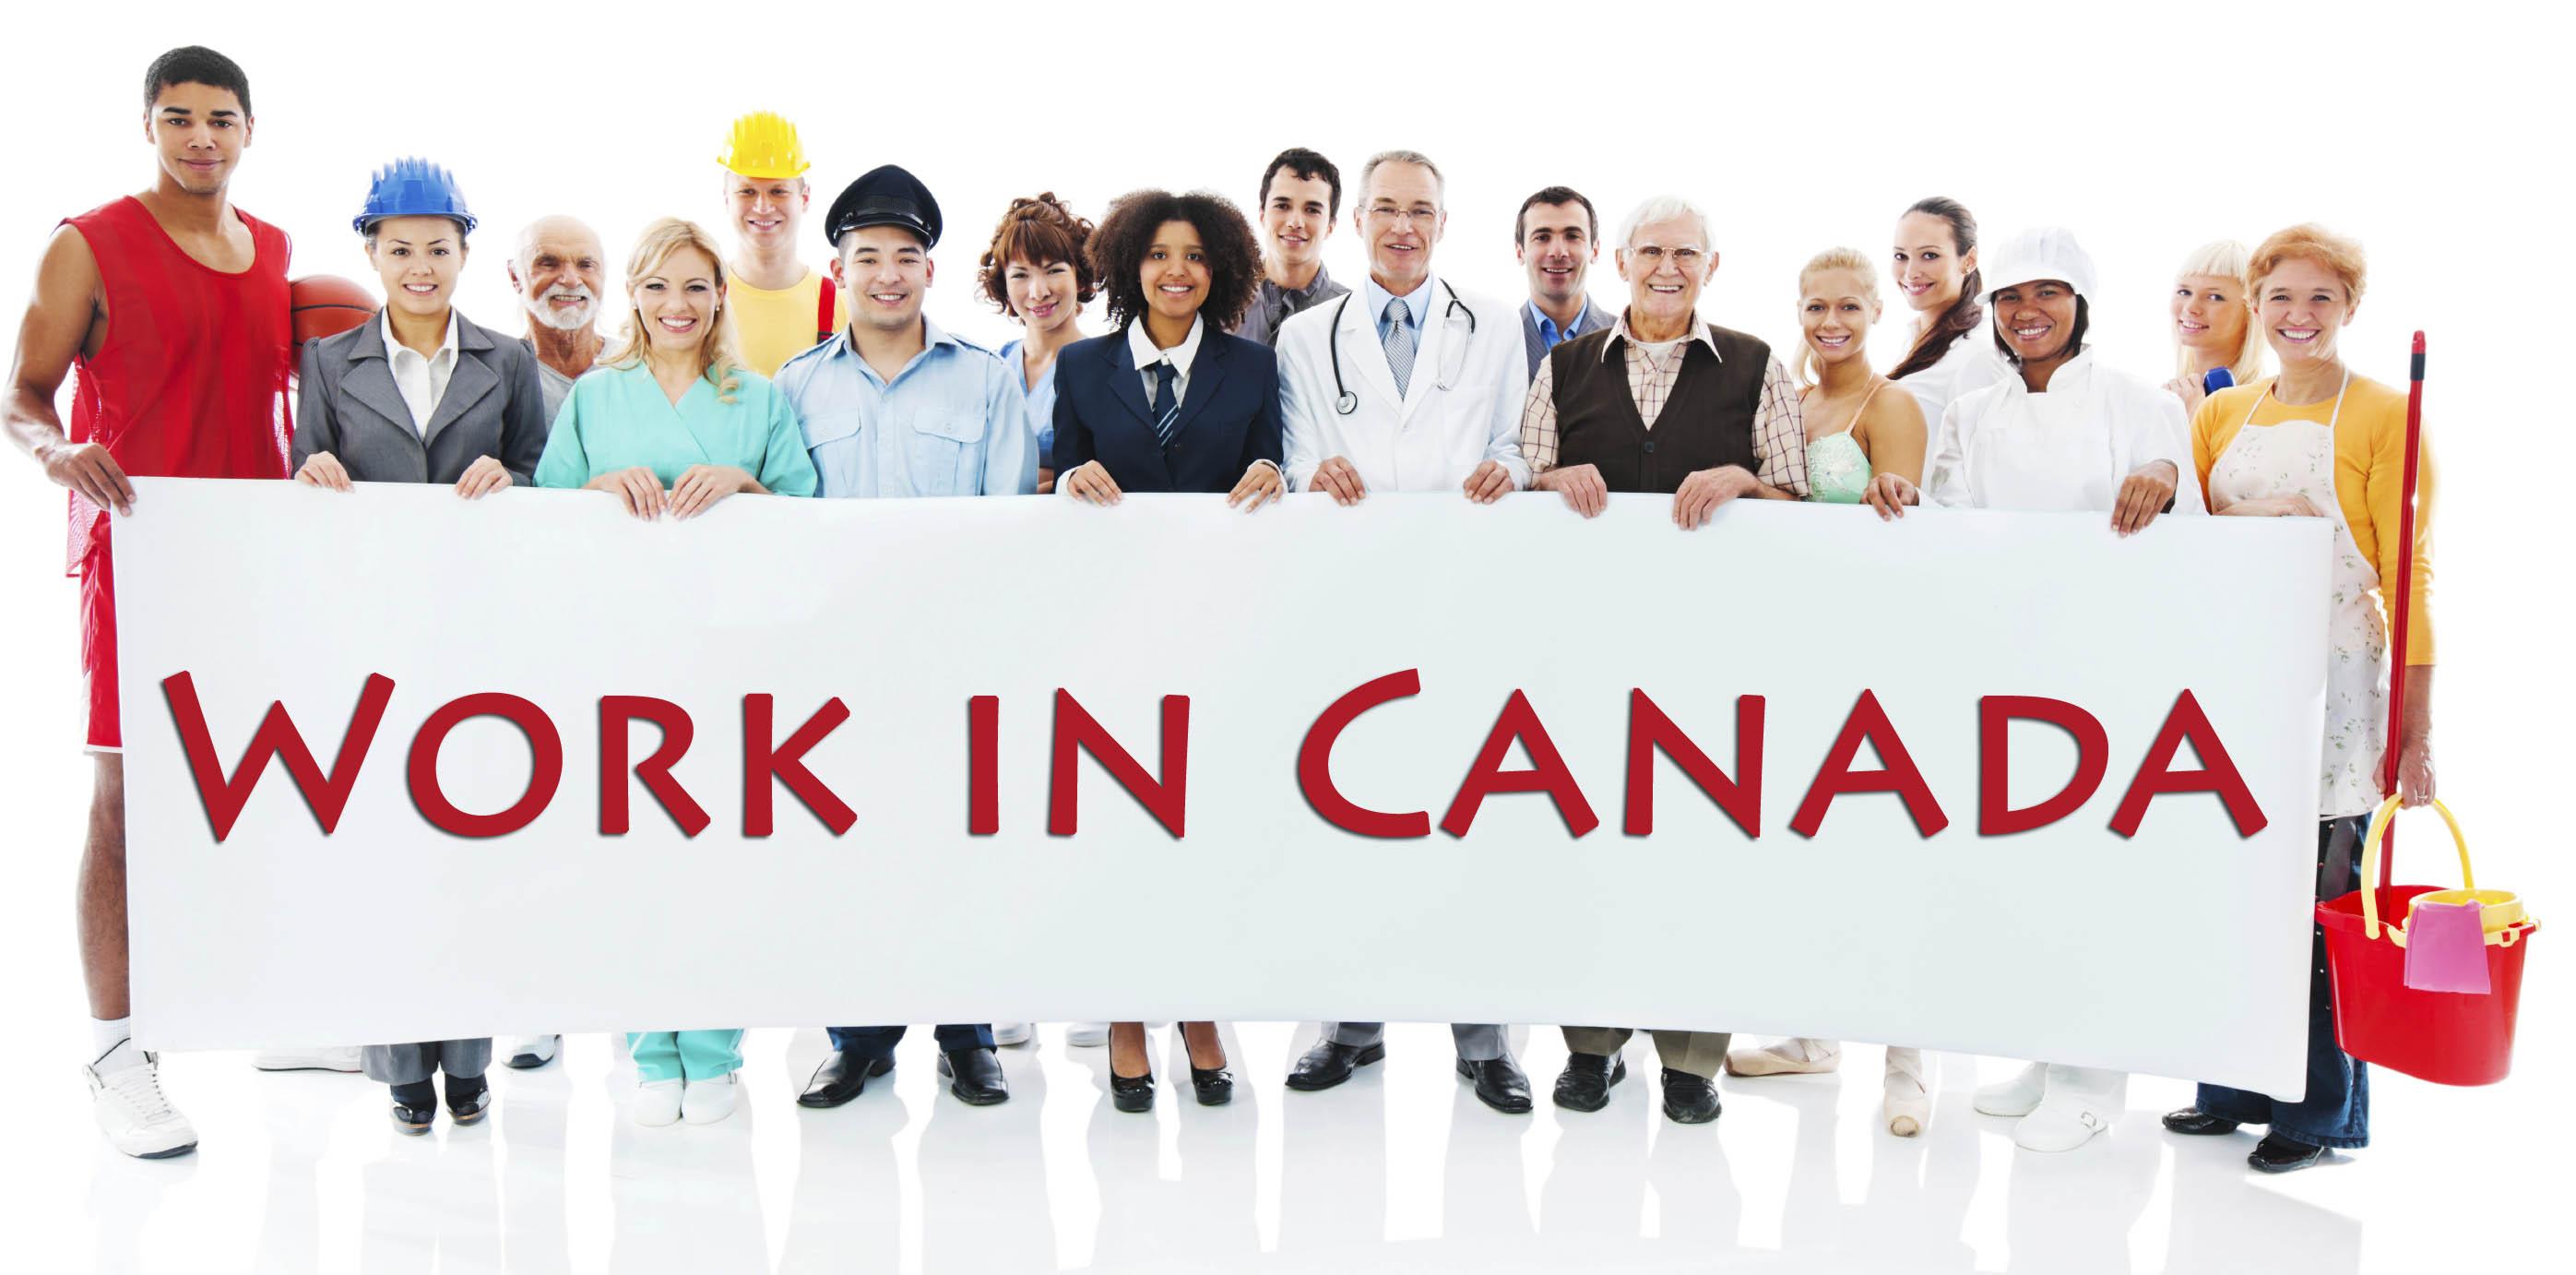 NAFTA Work Permit - Immigration Law Firm